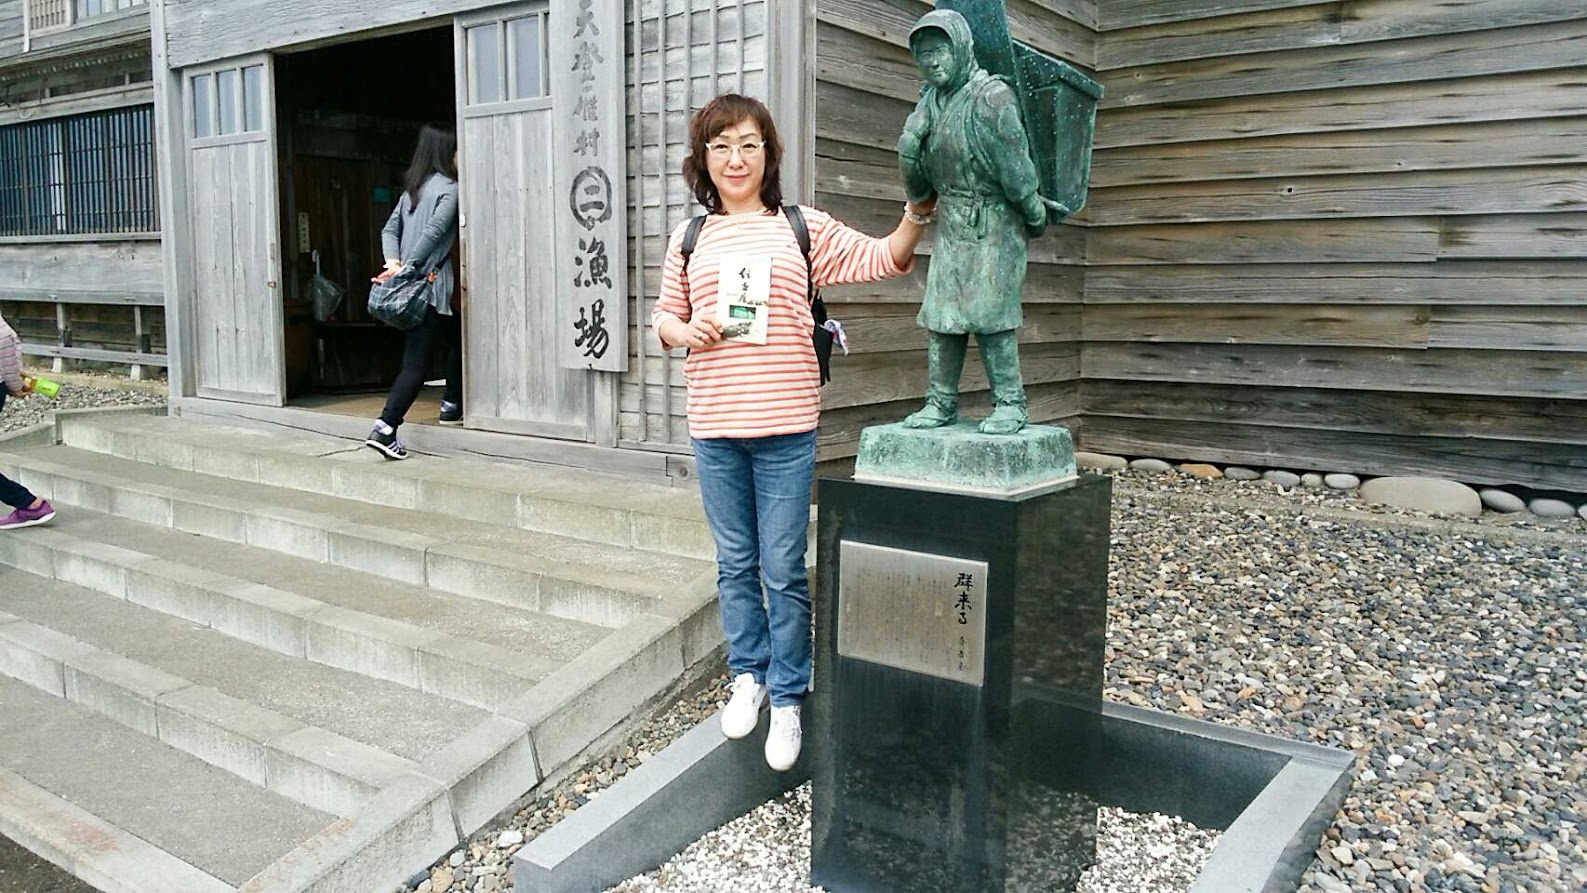 「モッコを背負う女」像(彫刻家尾崎英道氏の作品)にて